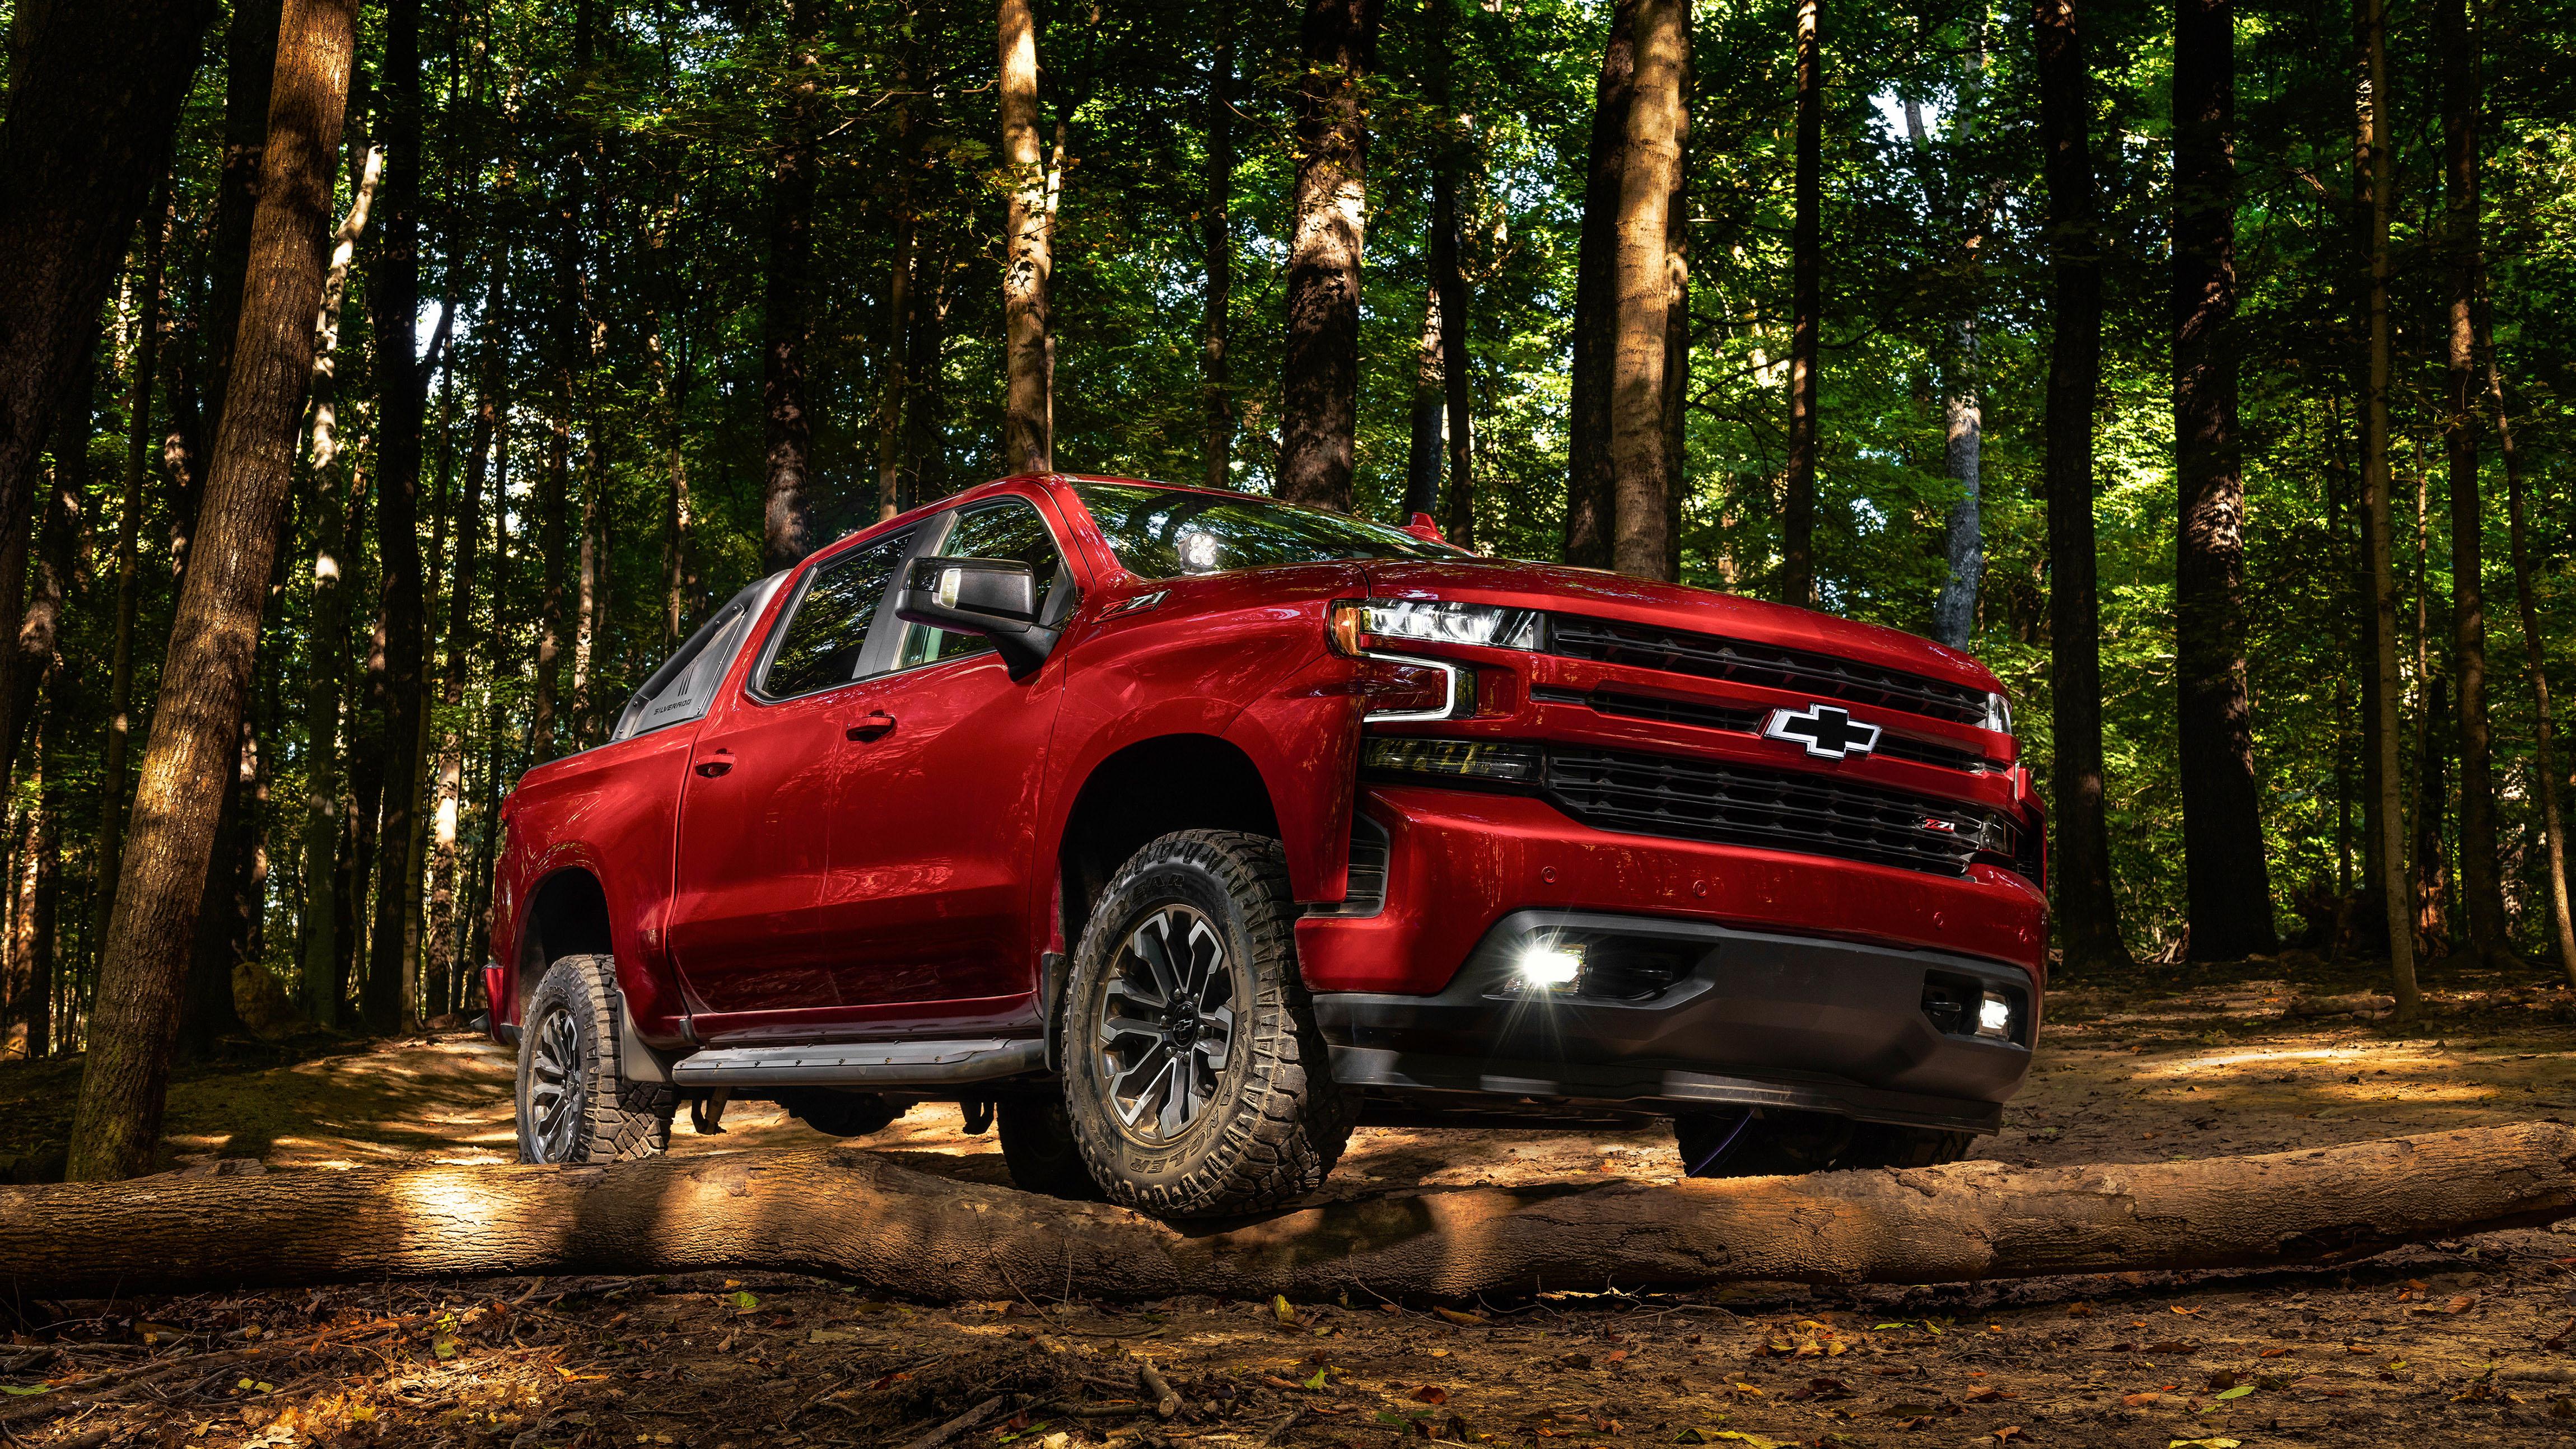 2019 Chevrolet Silverado Concepts are SEMA Bound | Automobile Magazine